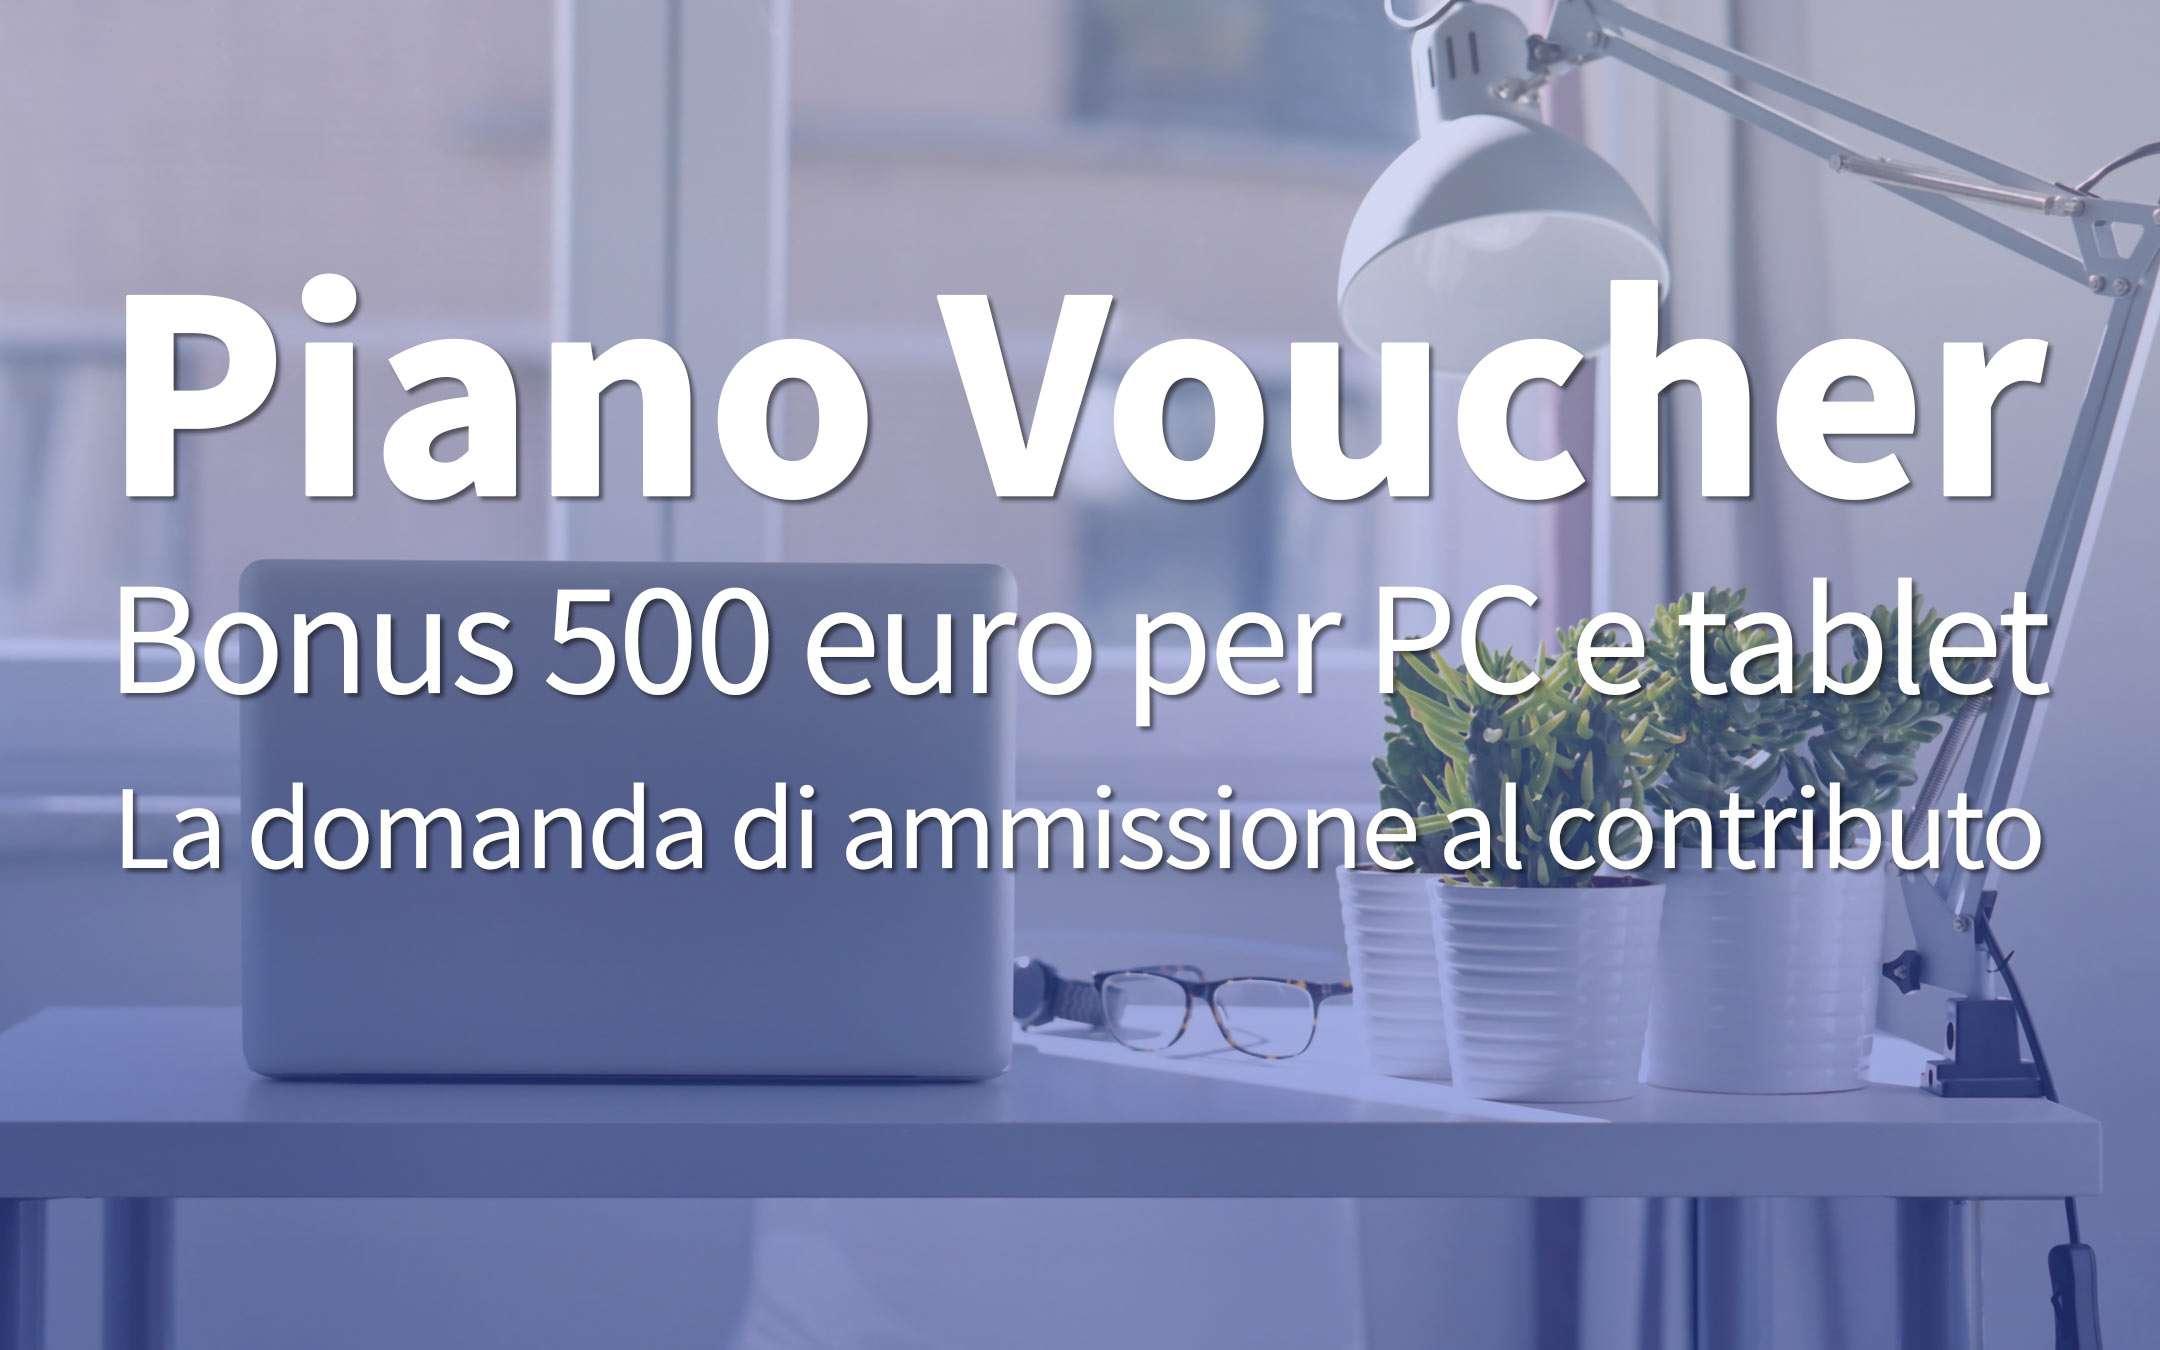 Bonus 500 euros: the PDF of the application to obtain it